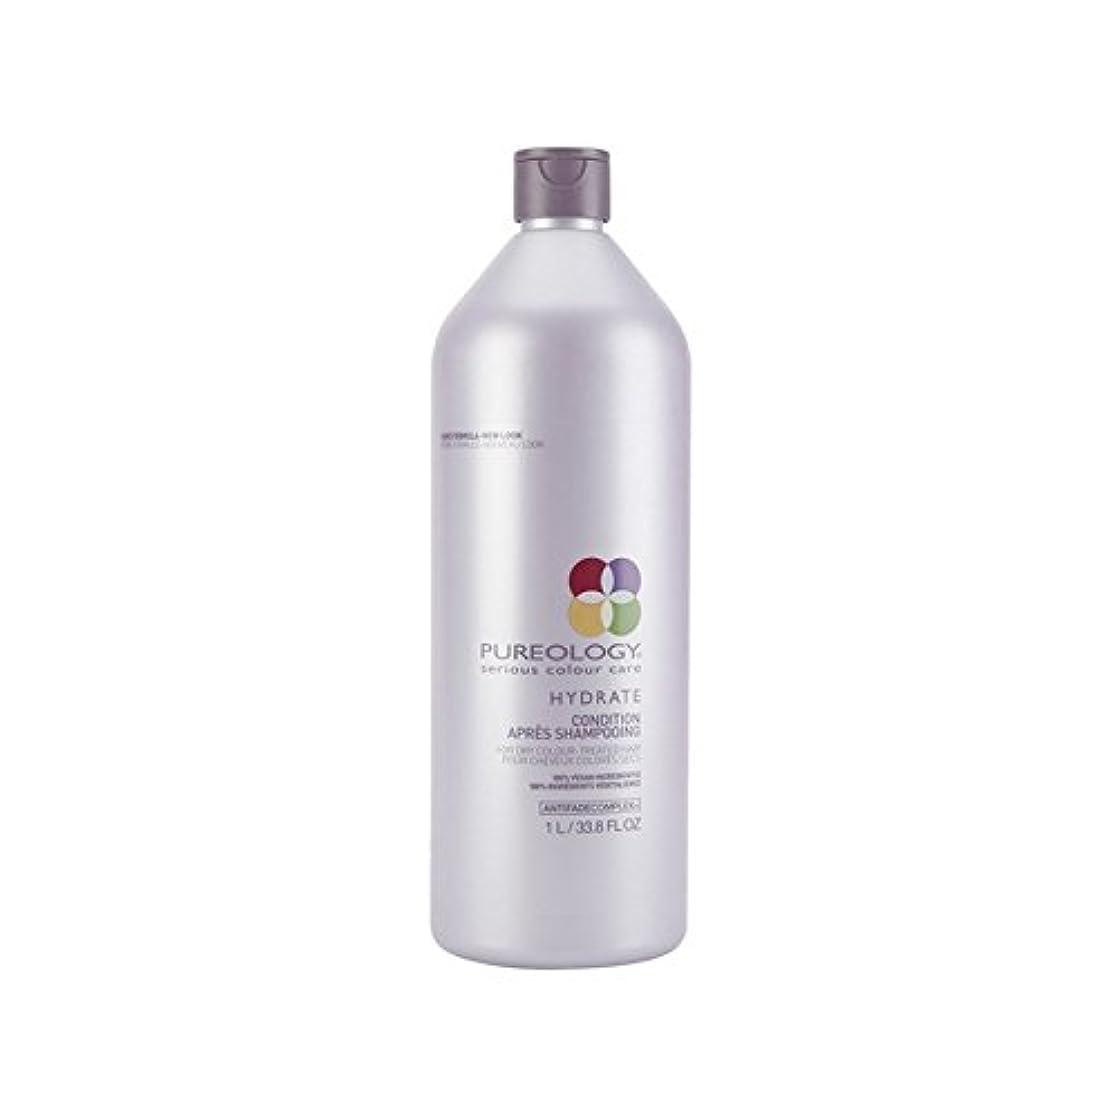 乳膨らみ満足させる純粋な水和物コンディショナー(千ミリリットル) x2 - Pureology Pure Hydrate Conditioner (1000ml) (Pack of 2) [並行輸入品]